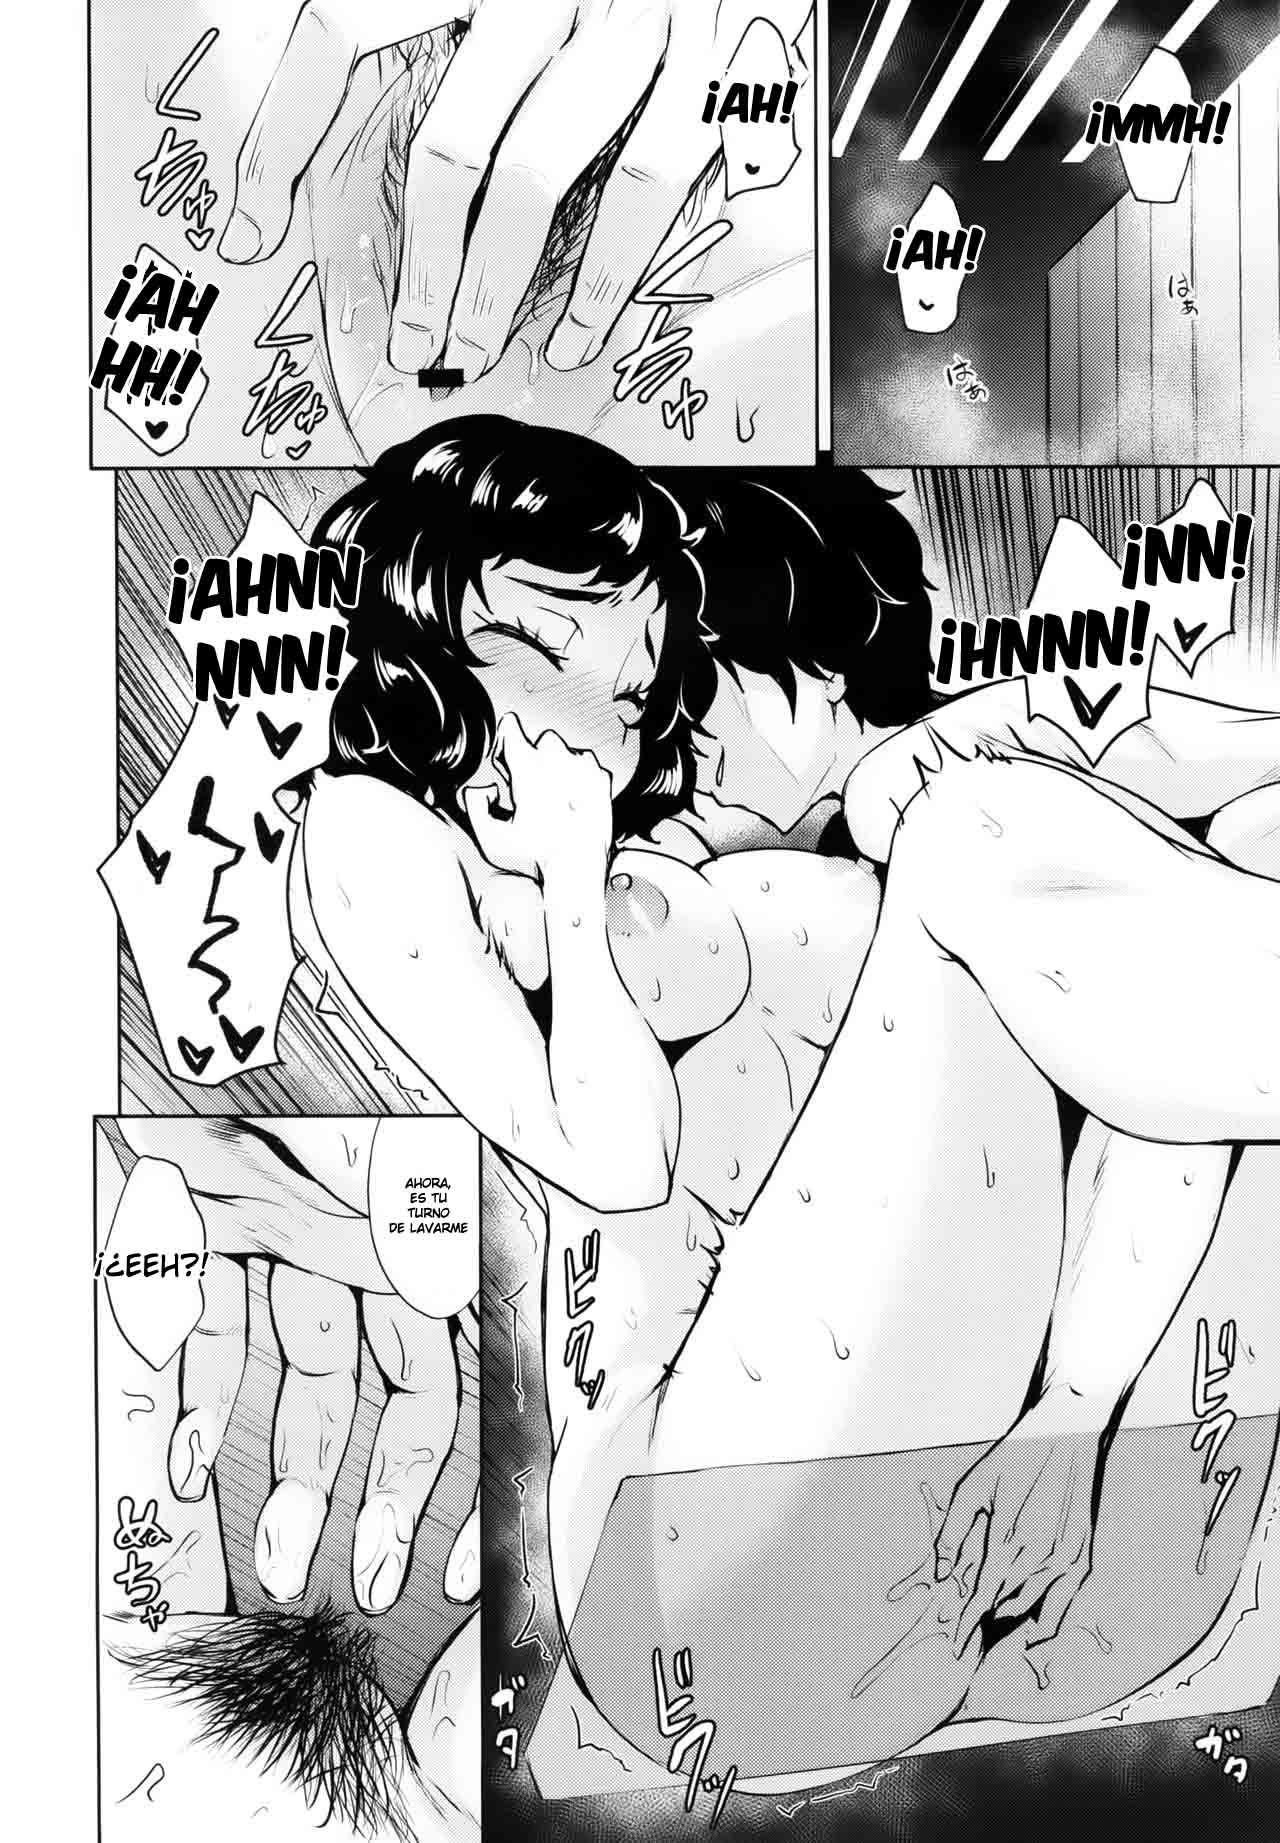 Jitsu wa Kawakami no kata ga sessei dekinai setsu: Chapter jitsu-wa-kawakami-1 - Page 12